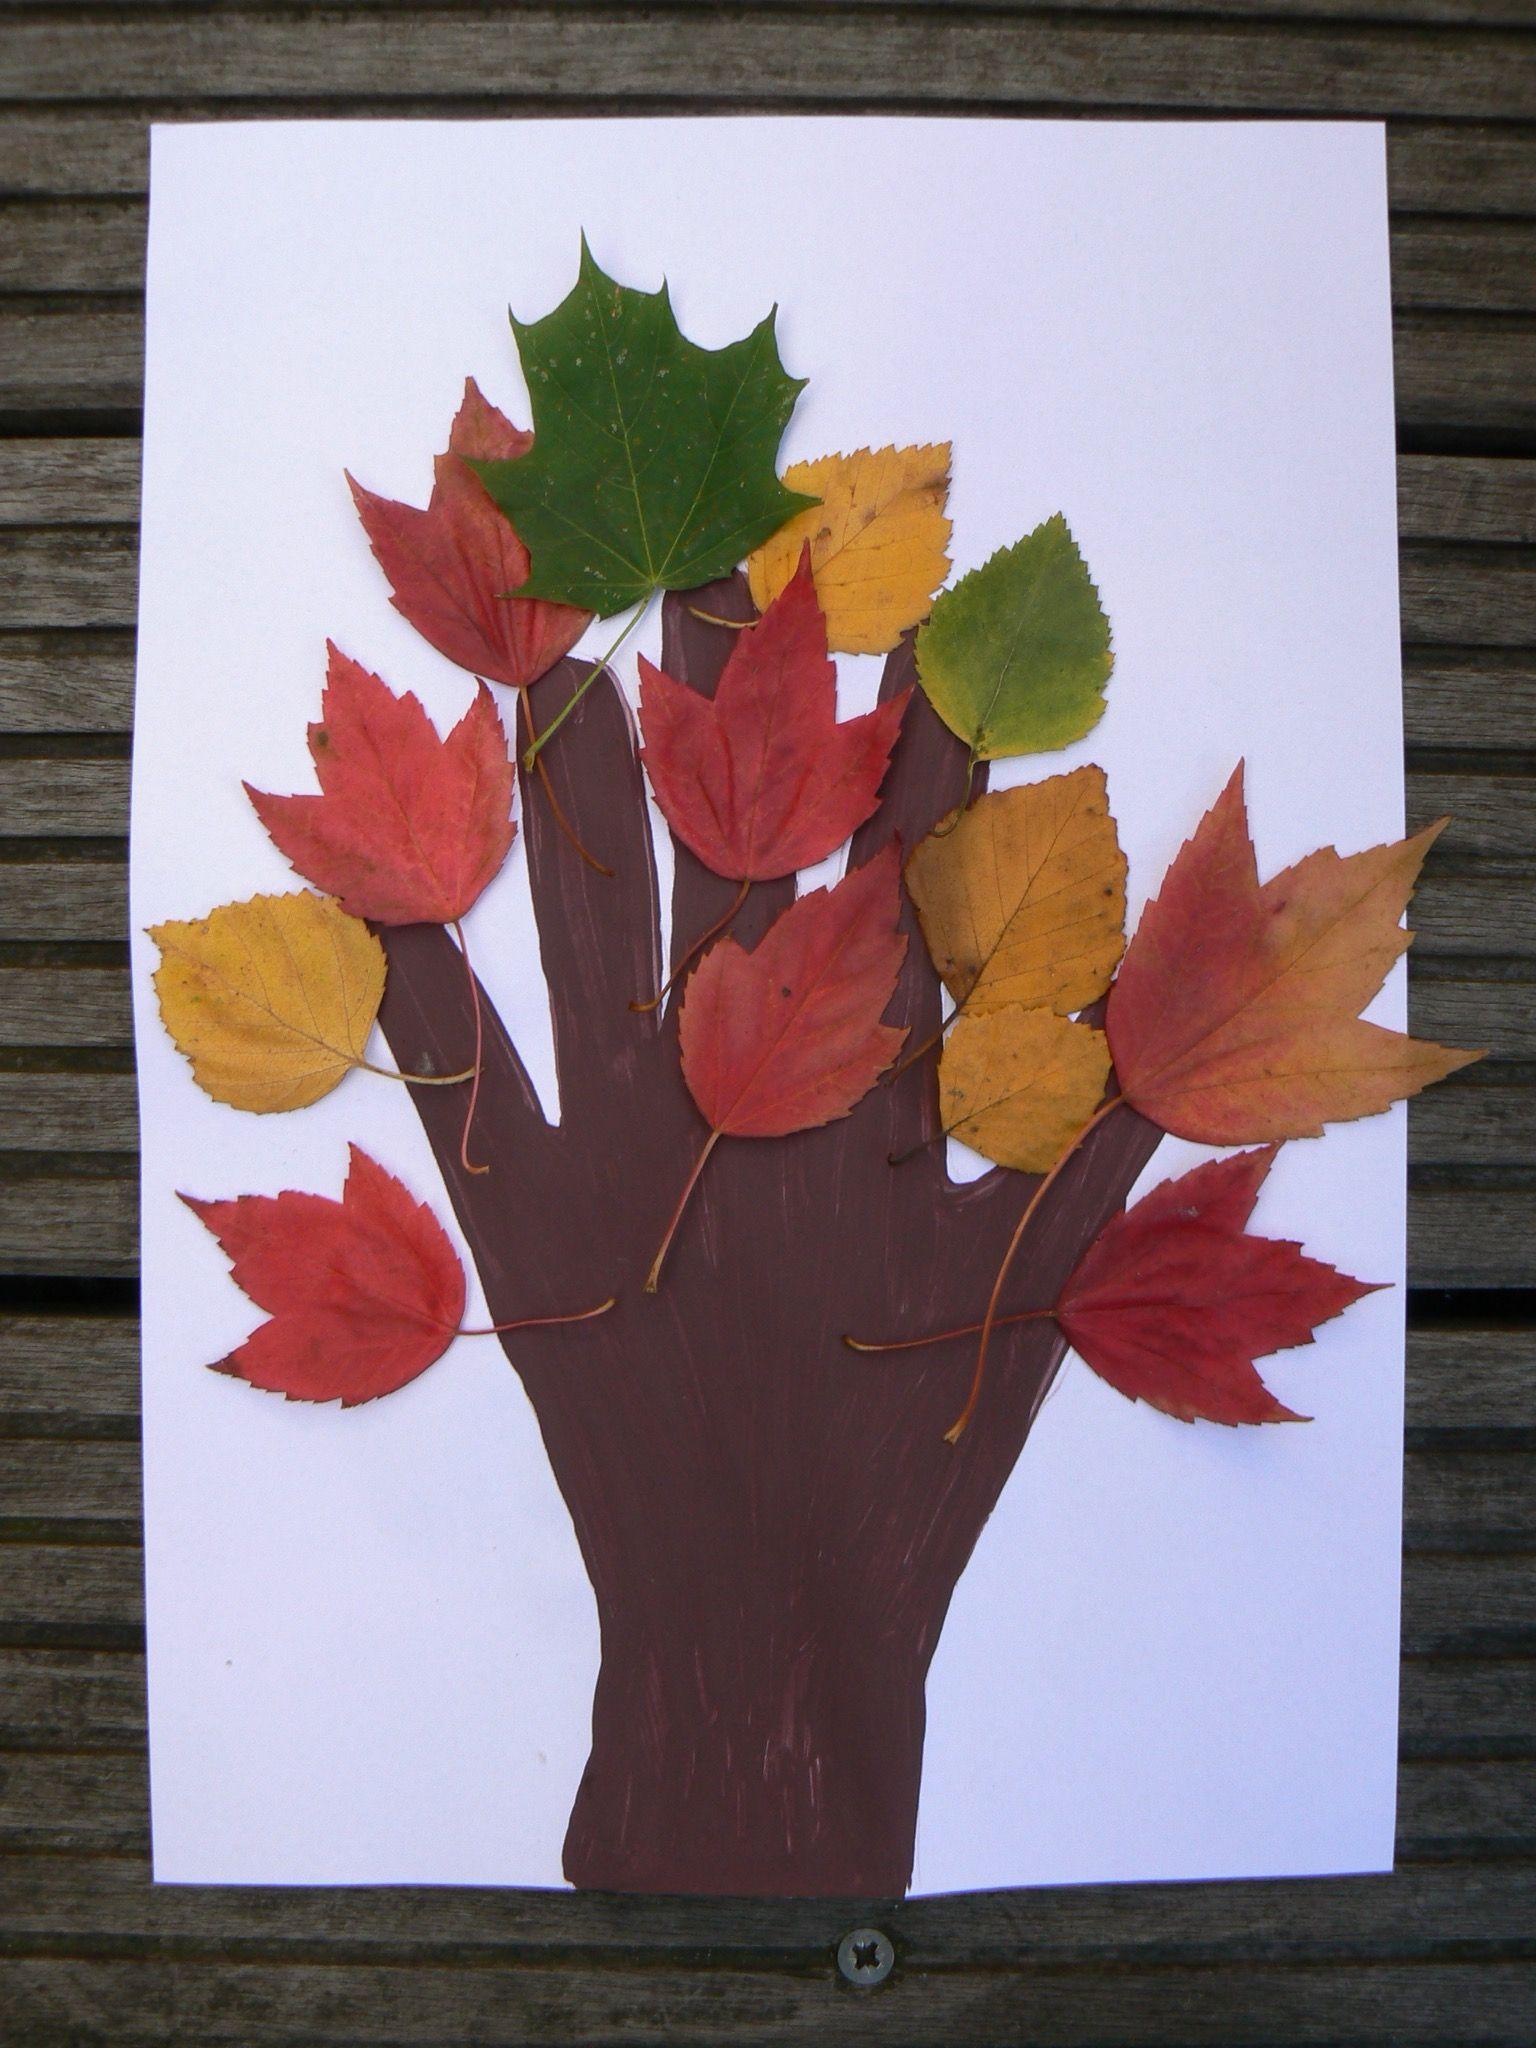 Quatang Gallery- Herfst Thema Knutselen Met Natuurlijke Materialen Buiten Herfst Blaadjes Verzamelen En Vervolgens Laten O Herfstwerkjes Knutselen Met Peuters Herfst Bomen